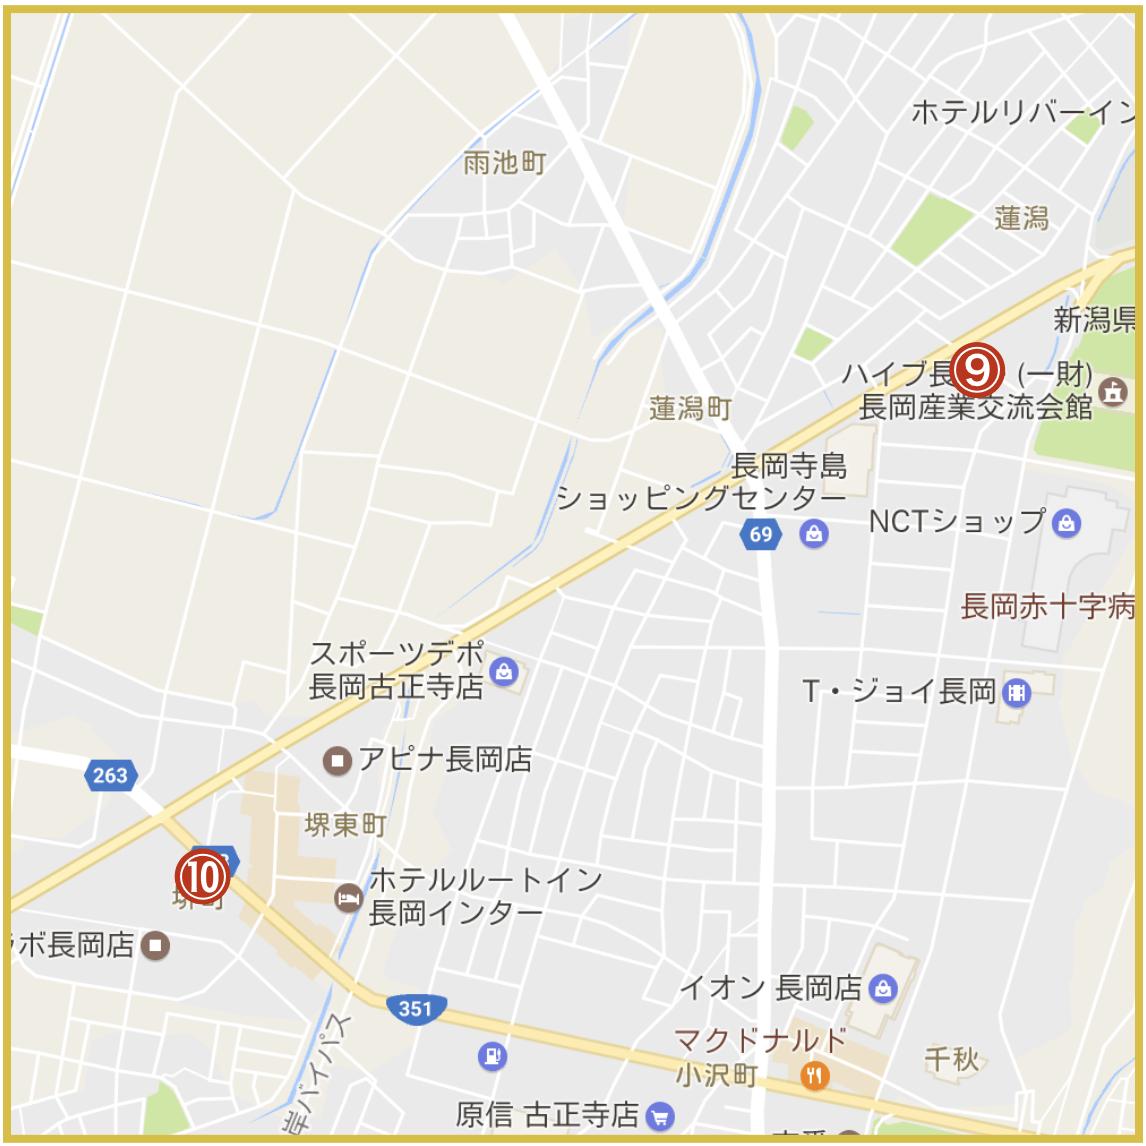 新潟県長岡市にあるアコム店舗・ATMの位置(2020年4月版)